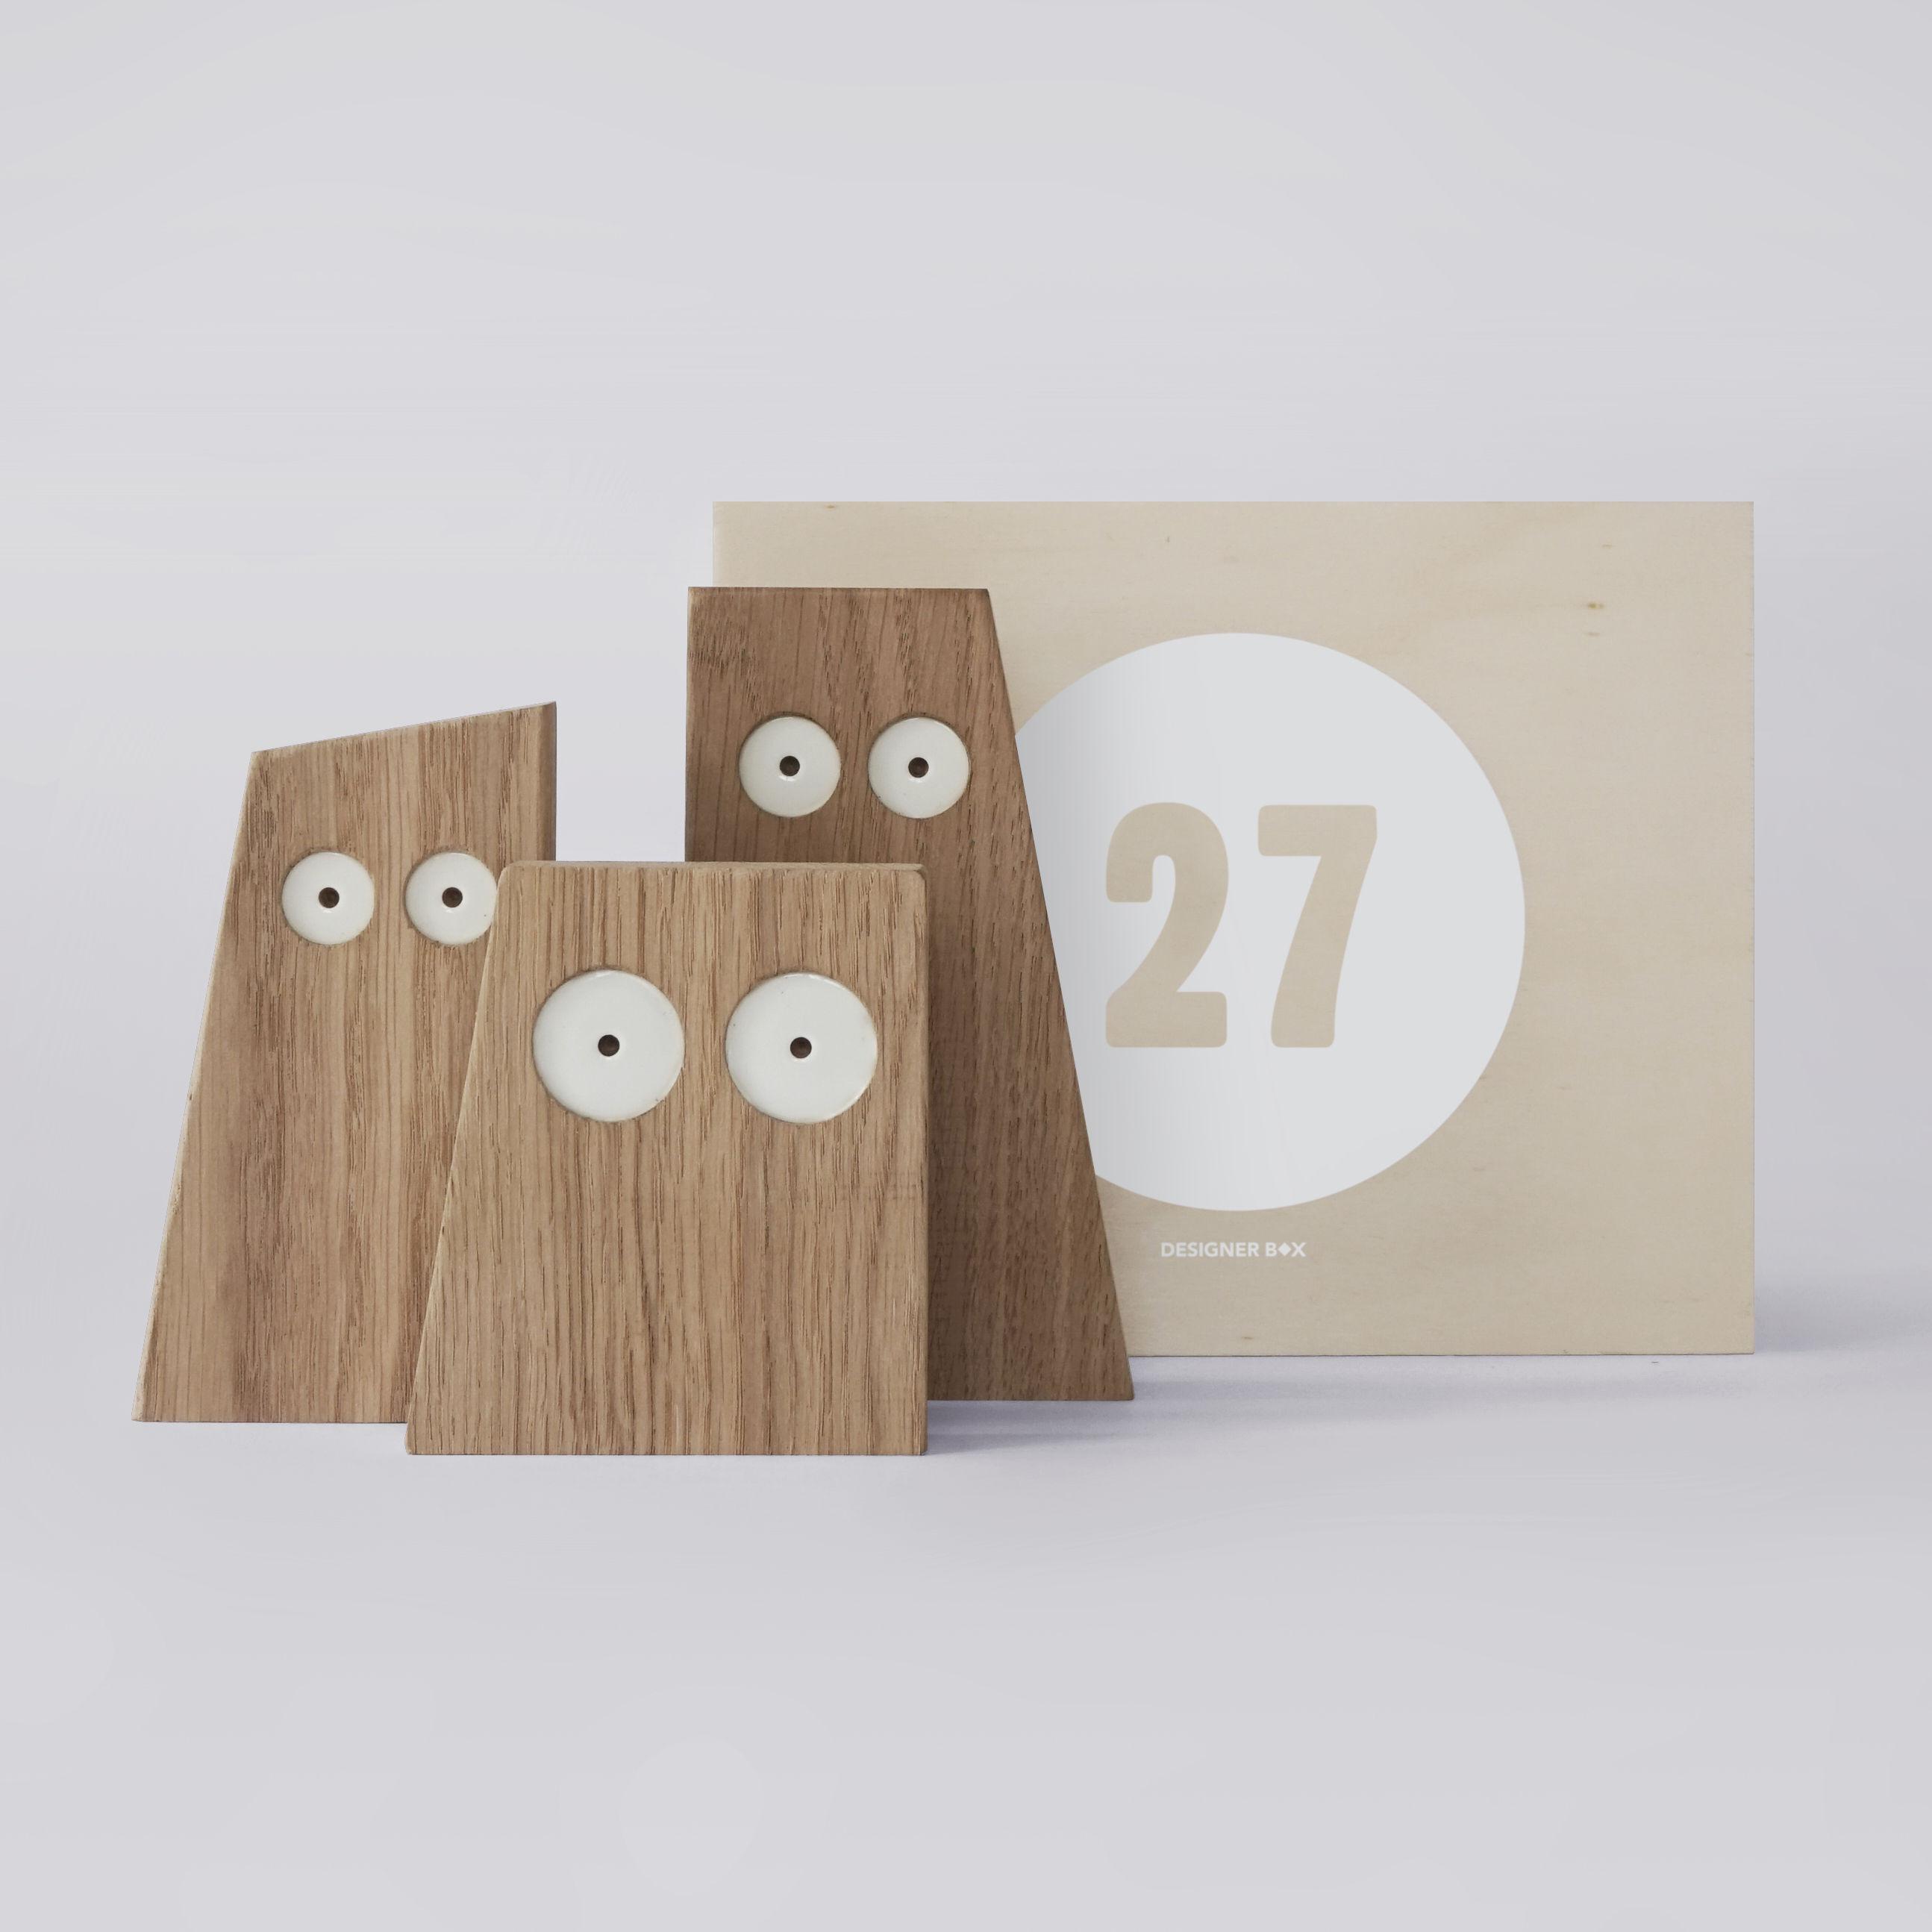 coffret designerbox#27 / décoration 'les chouettes' - big game bois